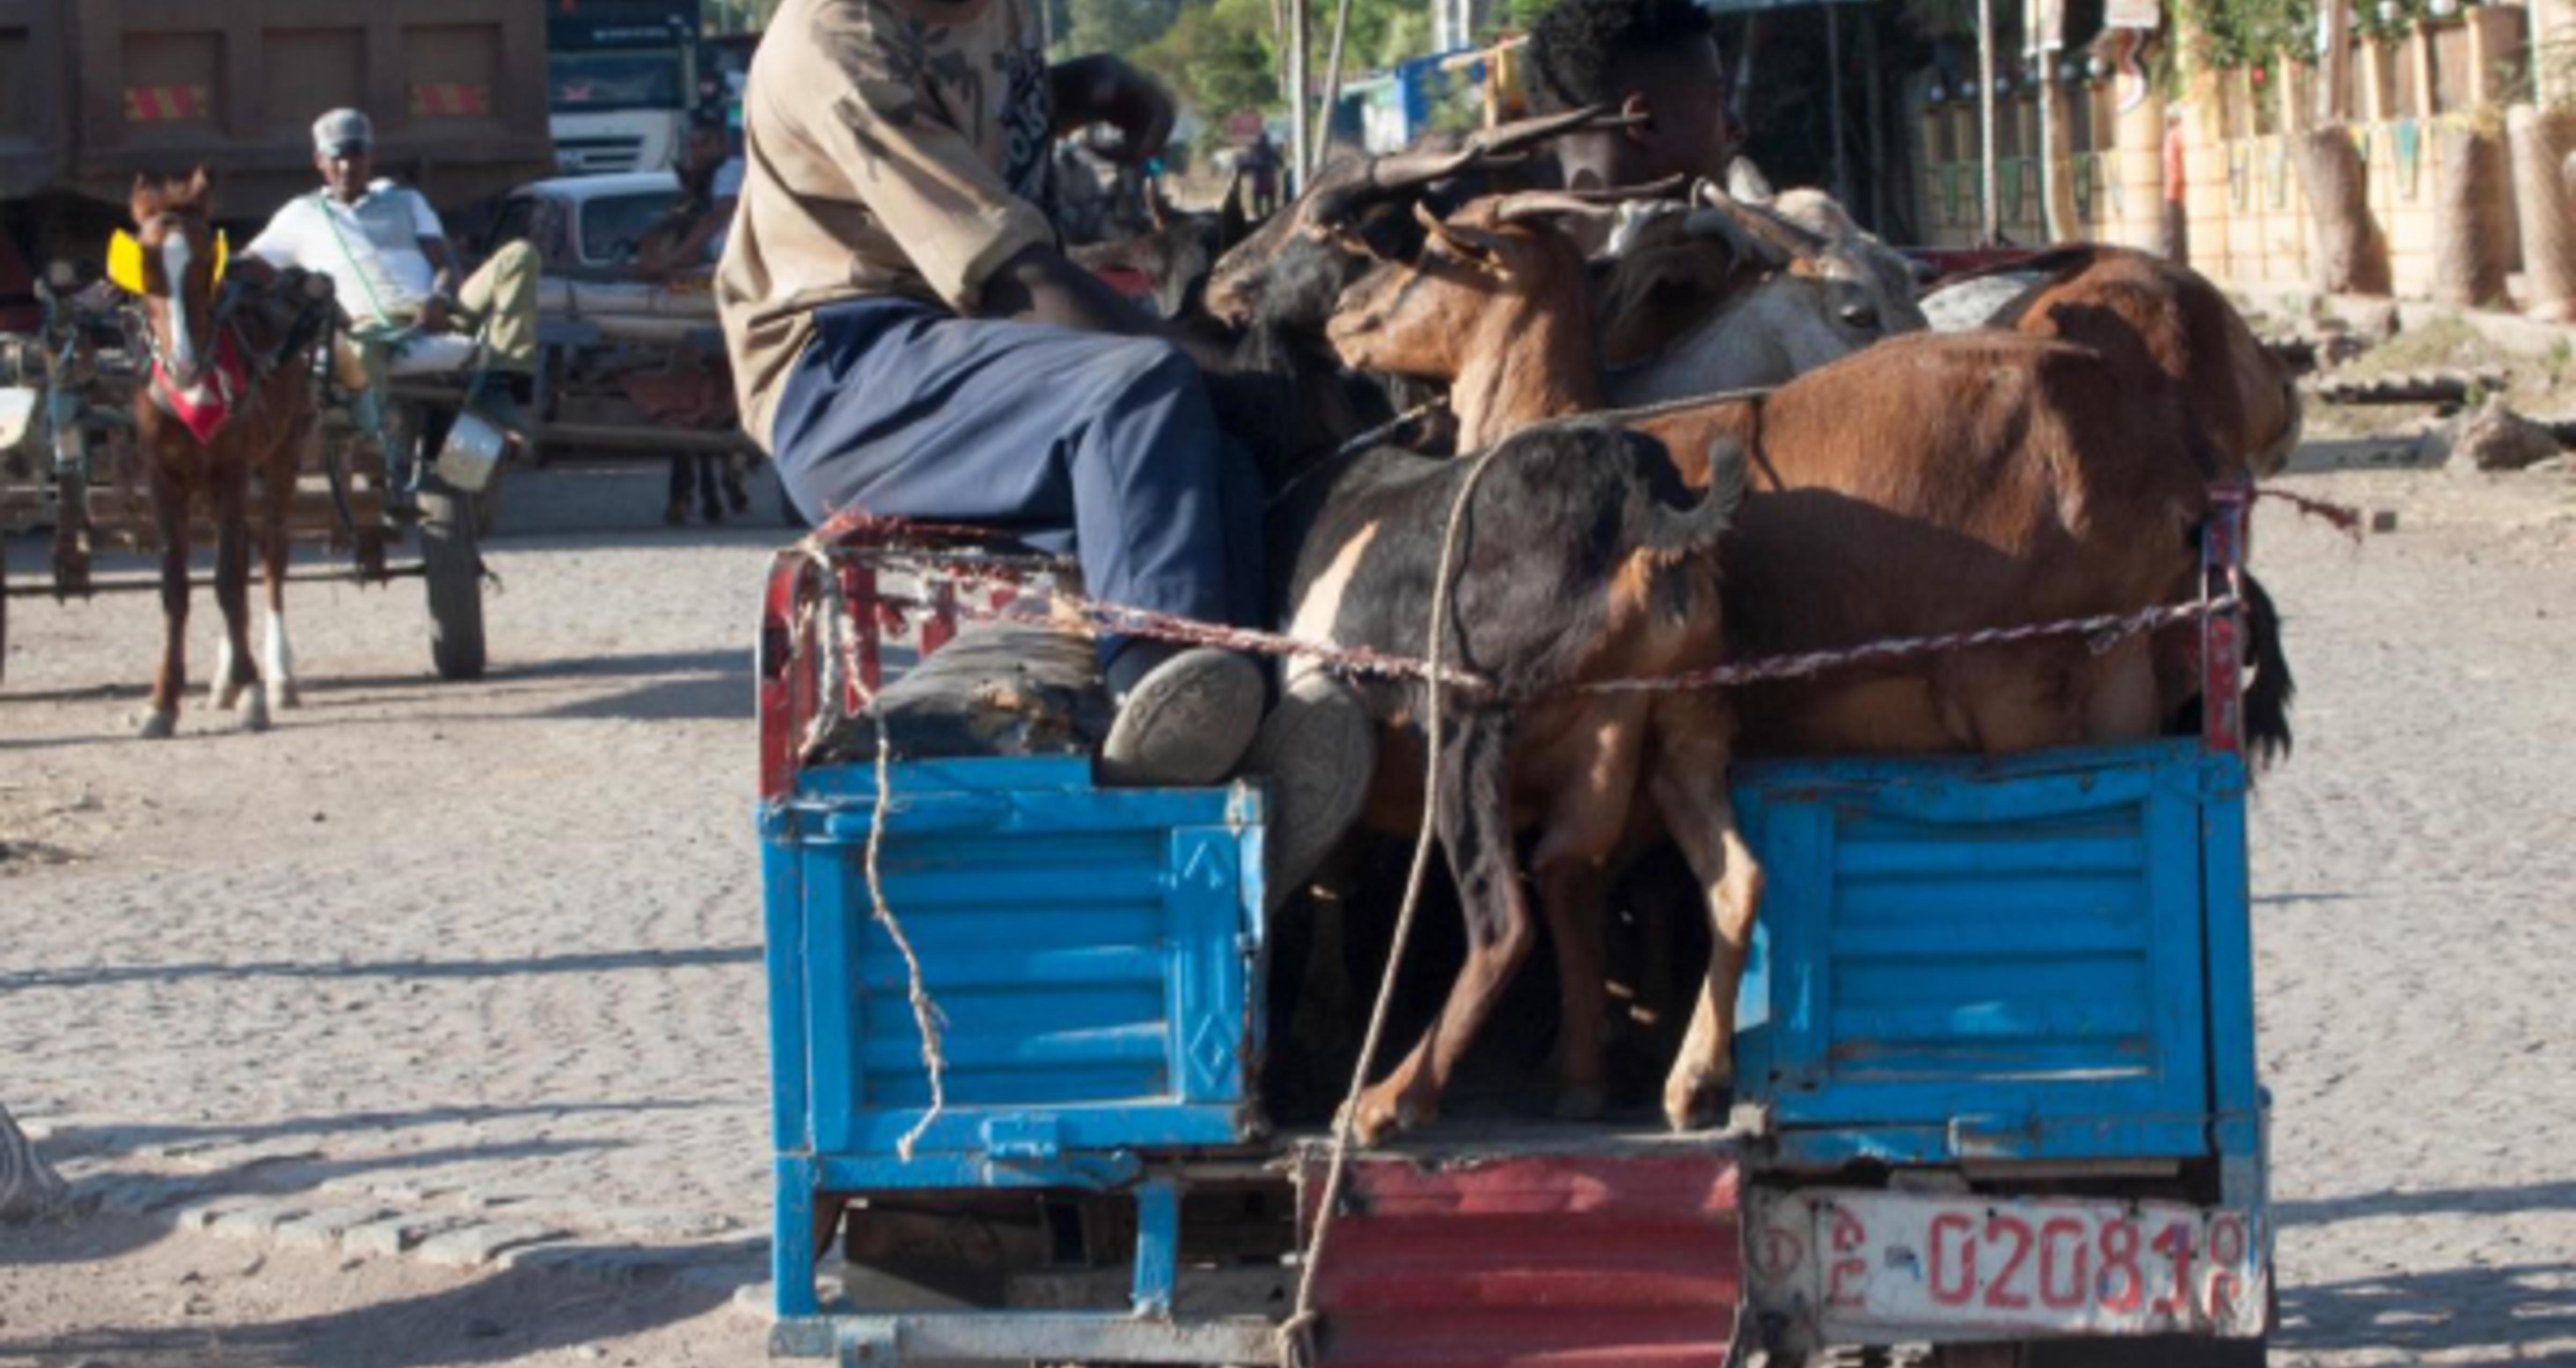 Transport of men and animals in Ethiopia.